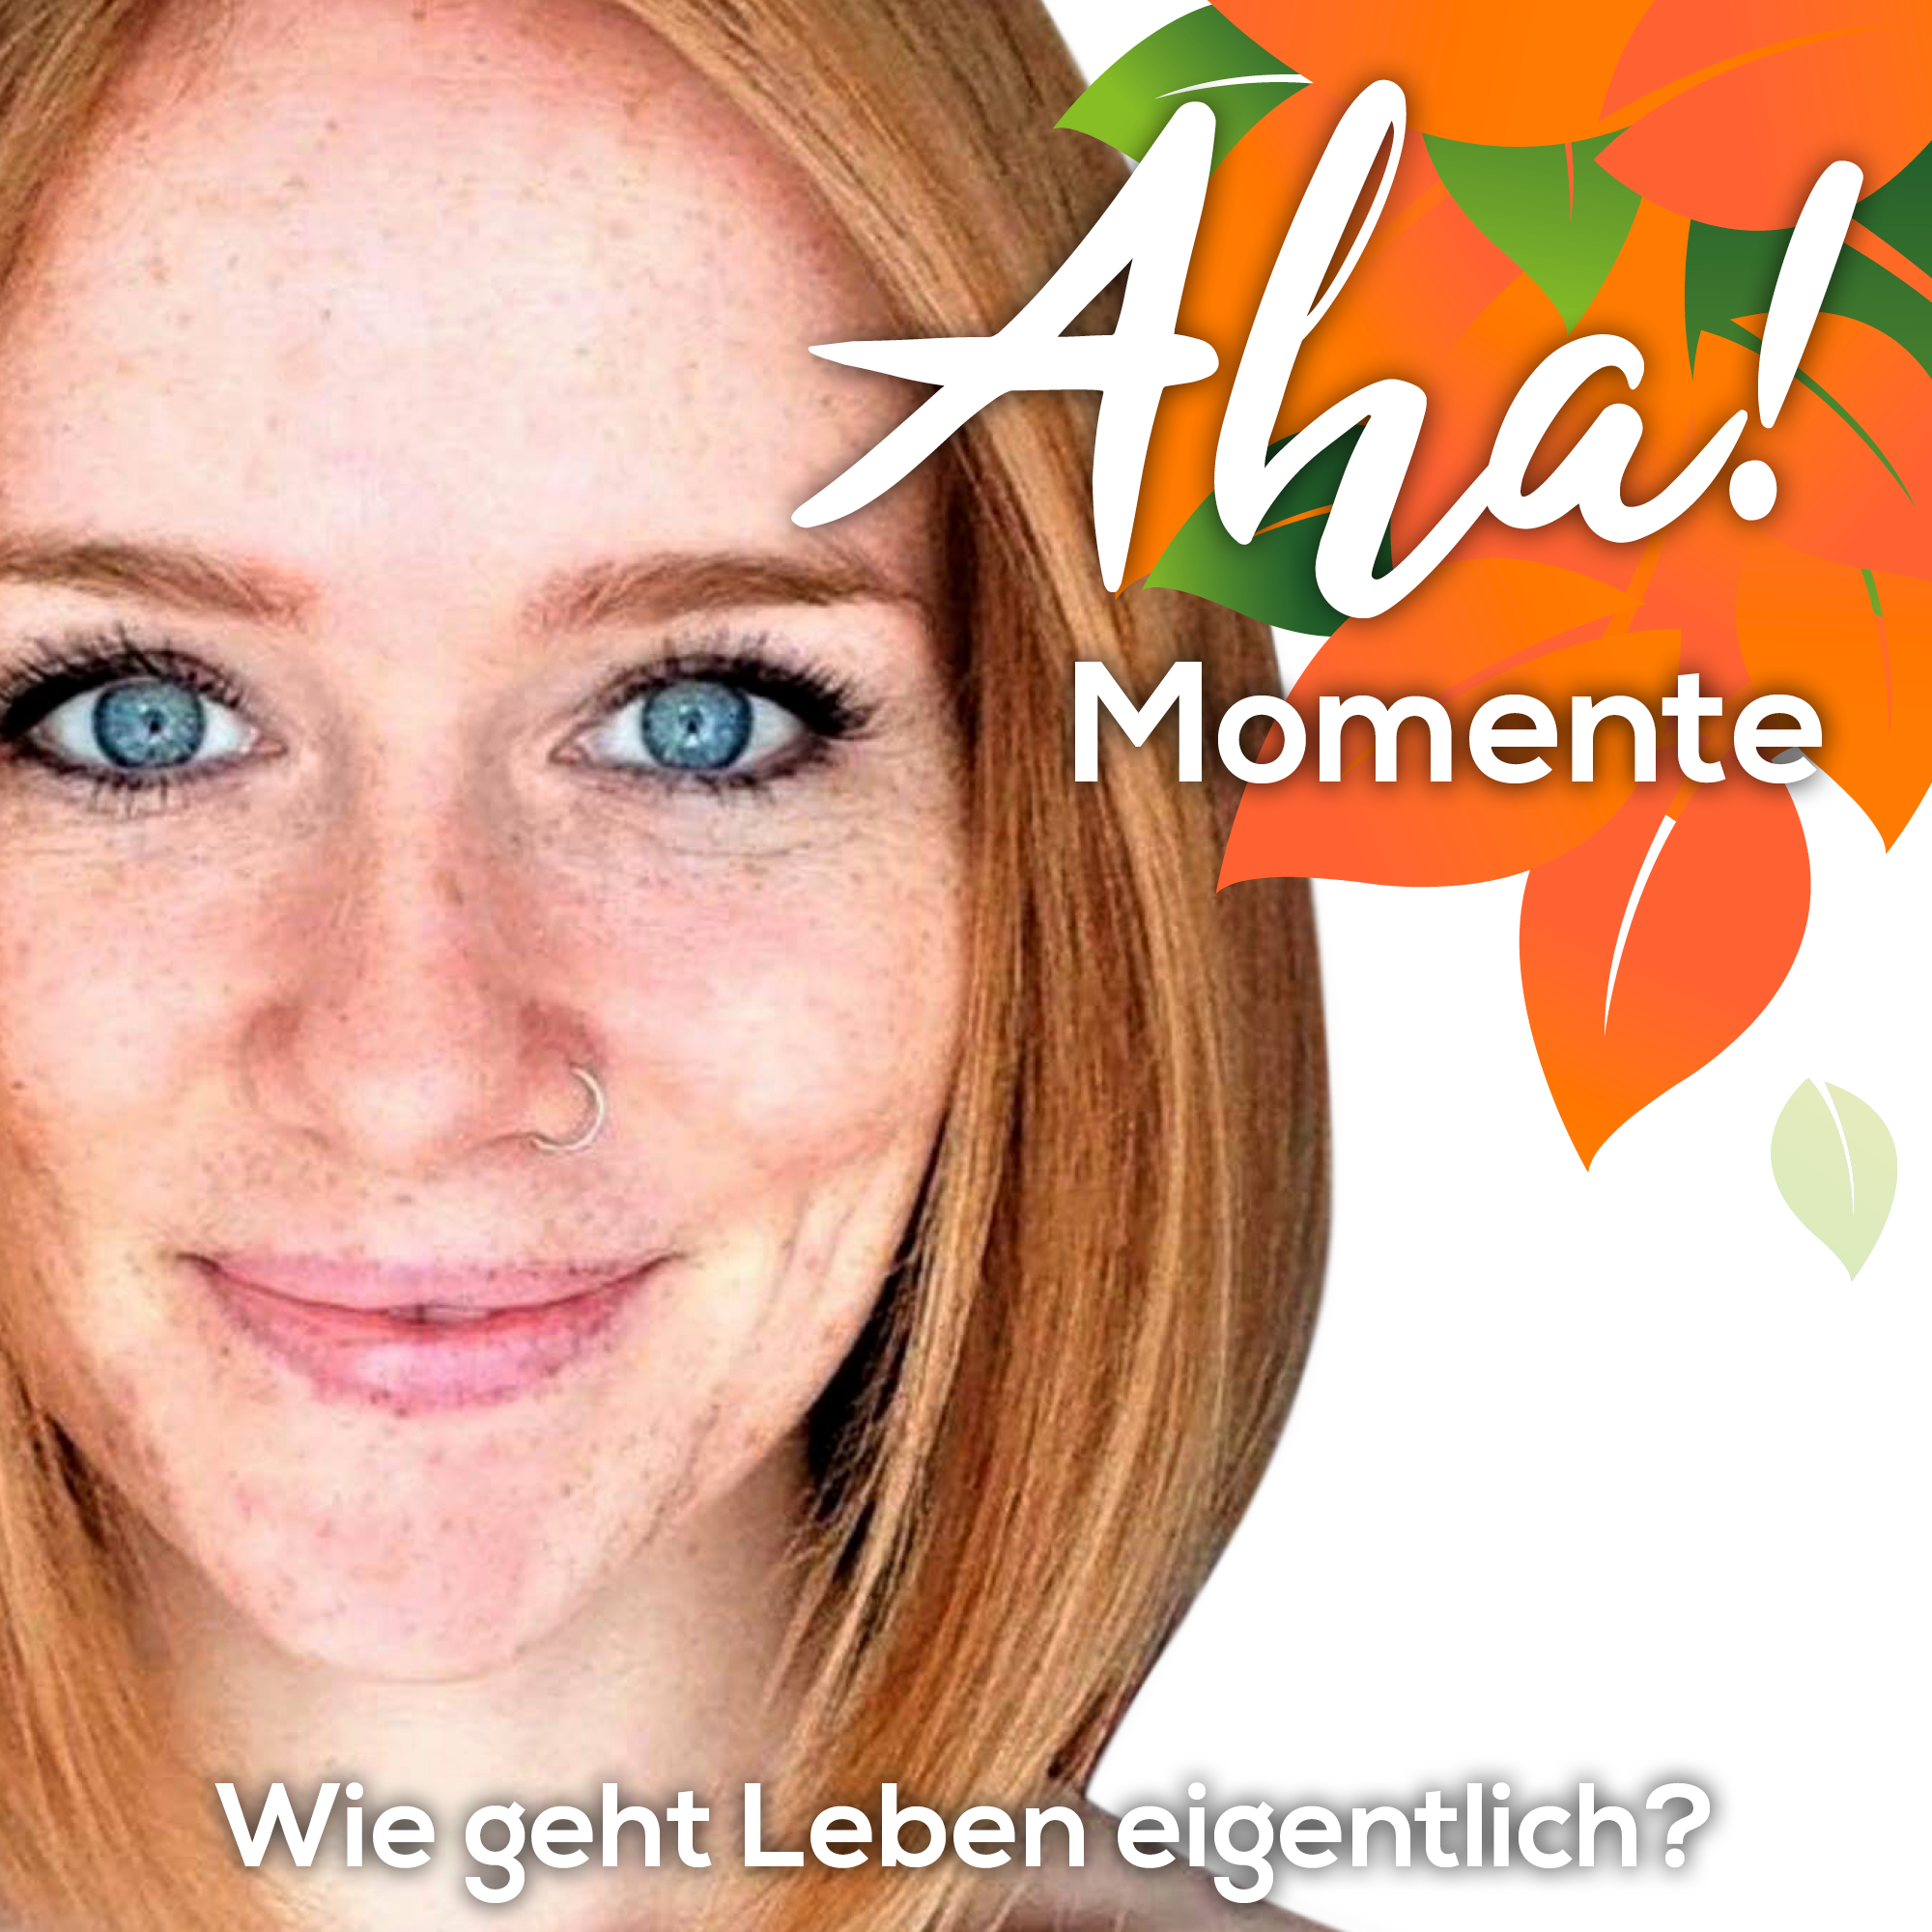 Aha! Momente - Impulse für dein gesundes & glückliches Leben by Lela Hermann show art